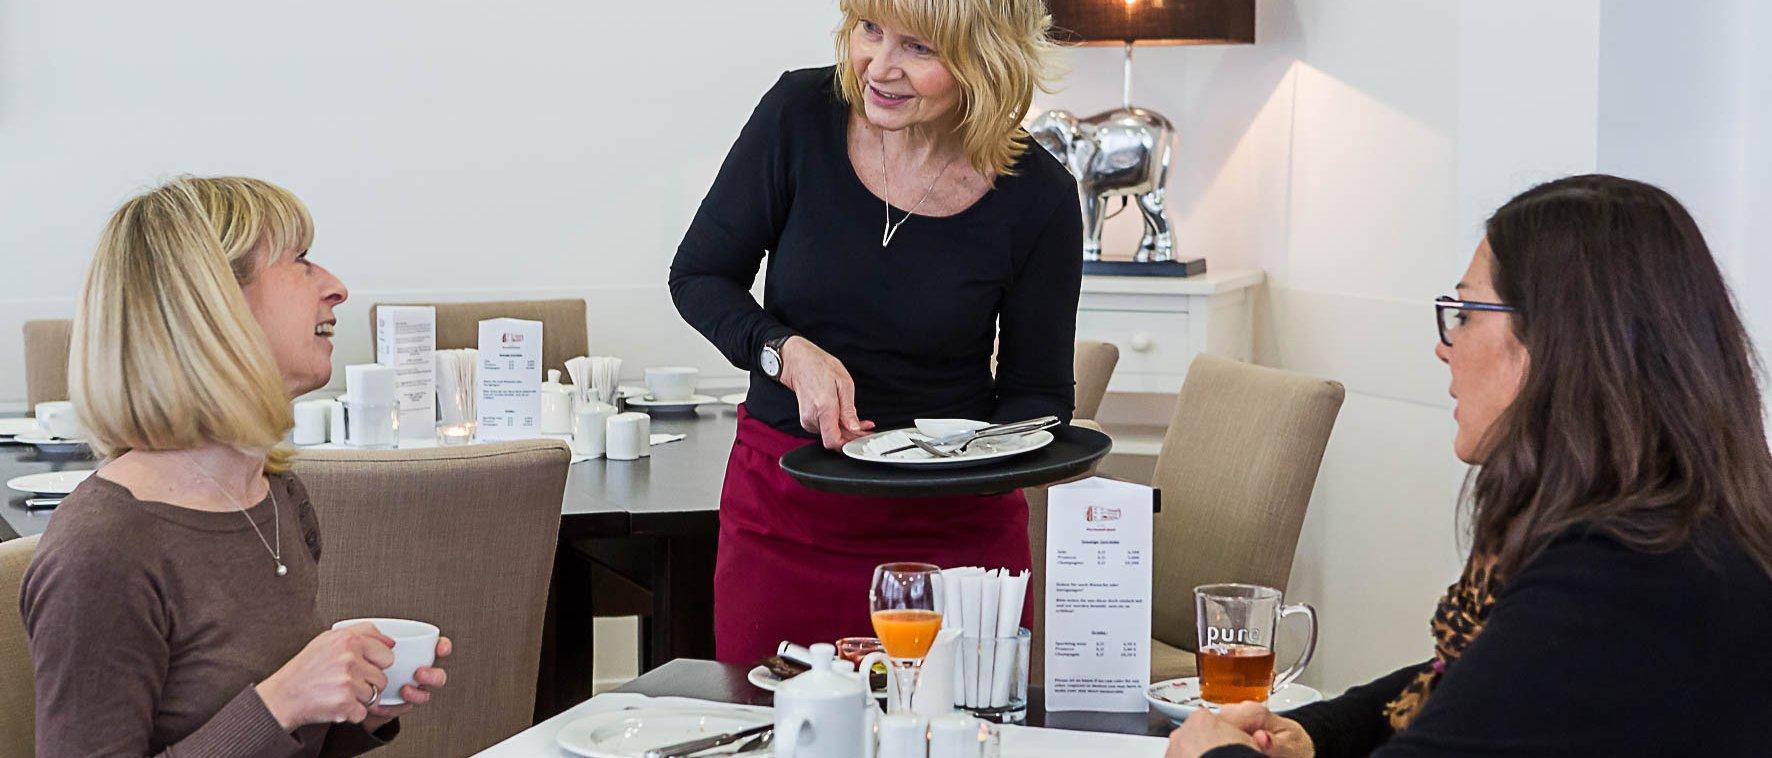 Eine Kellnerin bedient in einem Café